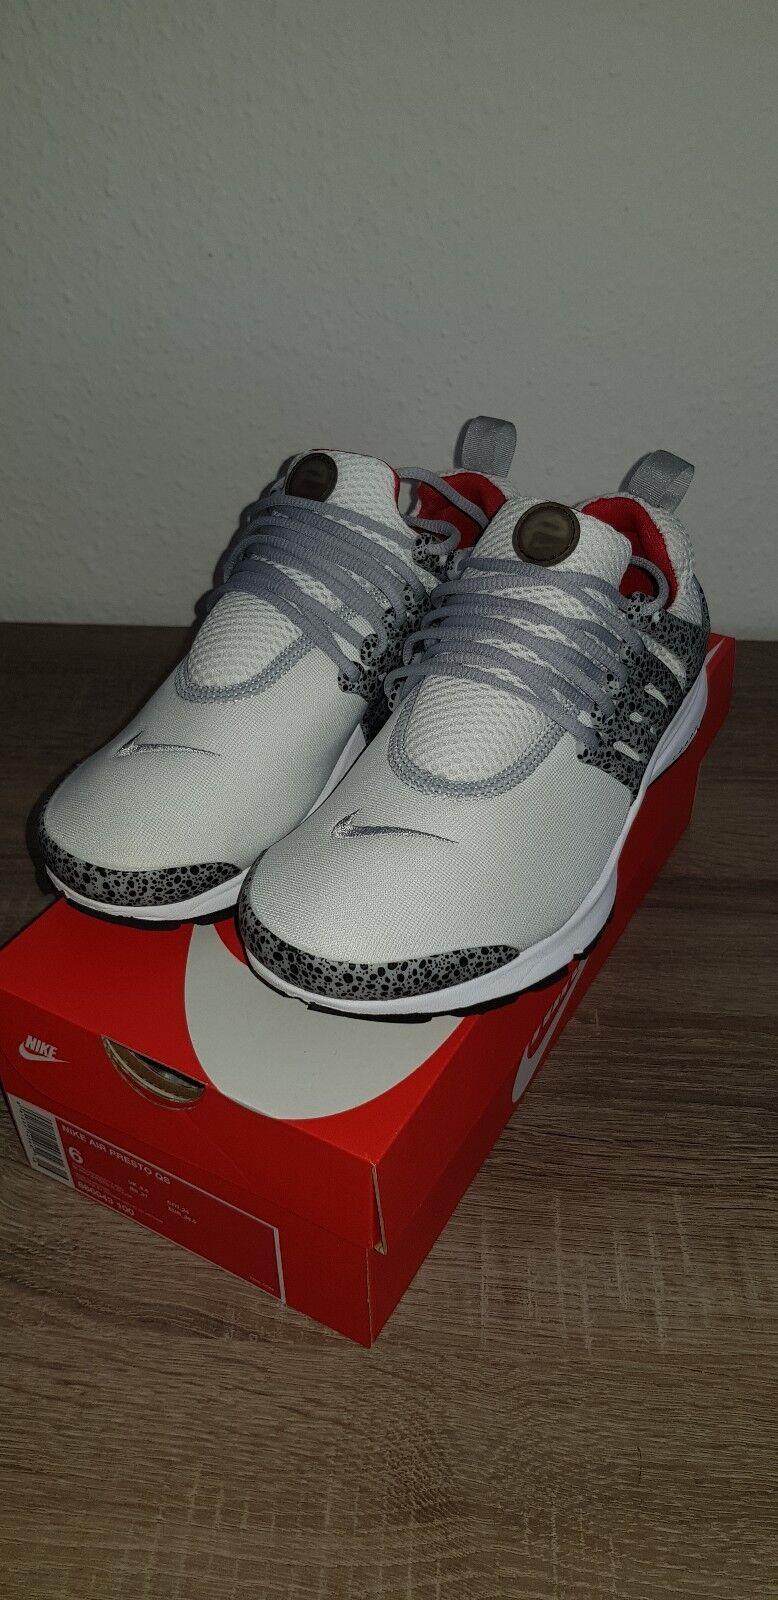 Nike weiß air presto qs safari weiß Nike gr. 38,5 air max flyknit free thea d774a3